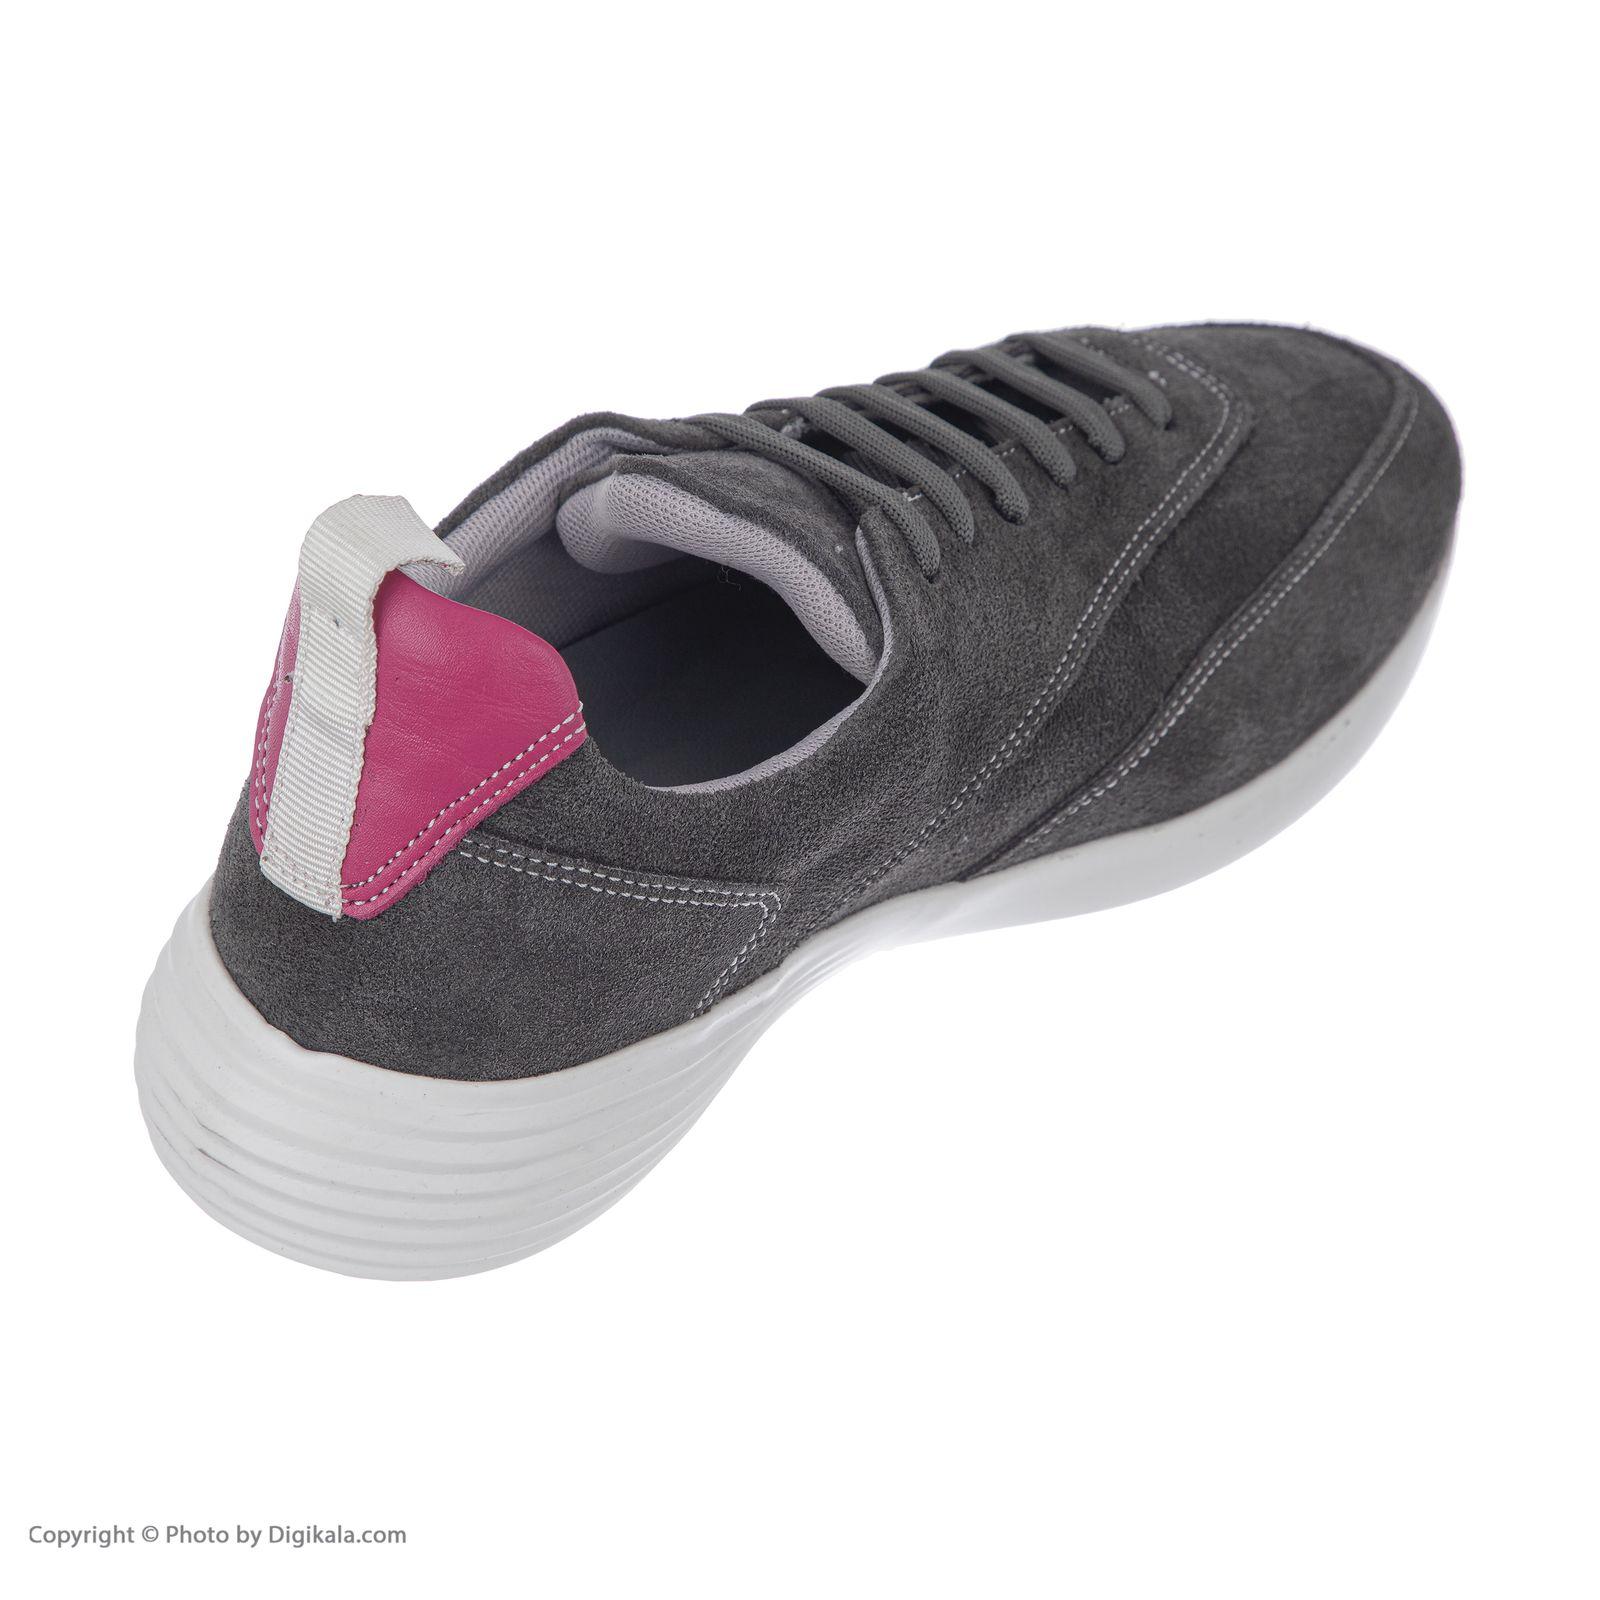 کفش روزمره زنانه آرتمن مدل Veda-41448 -  - 6